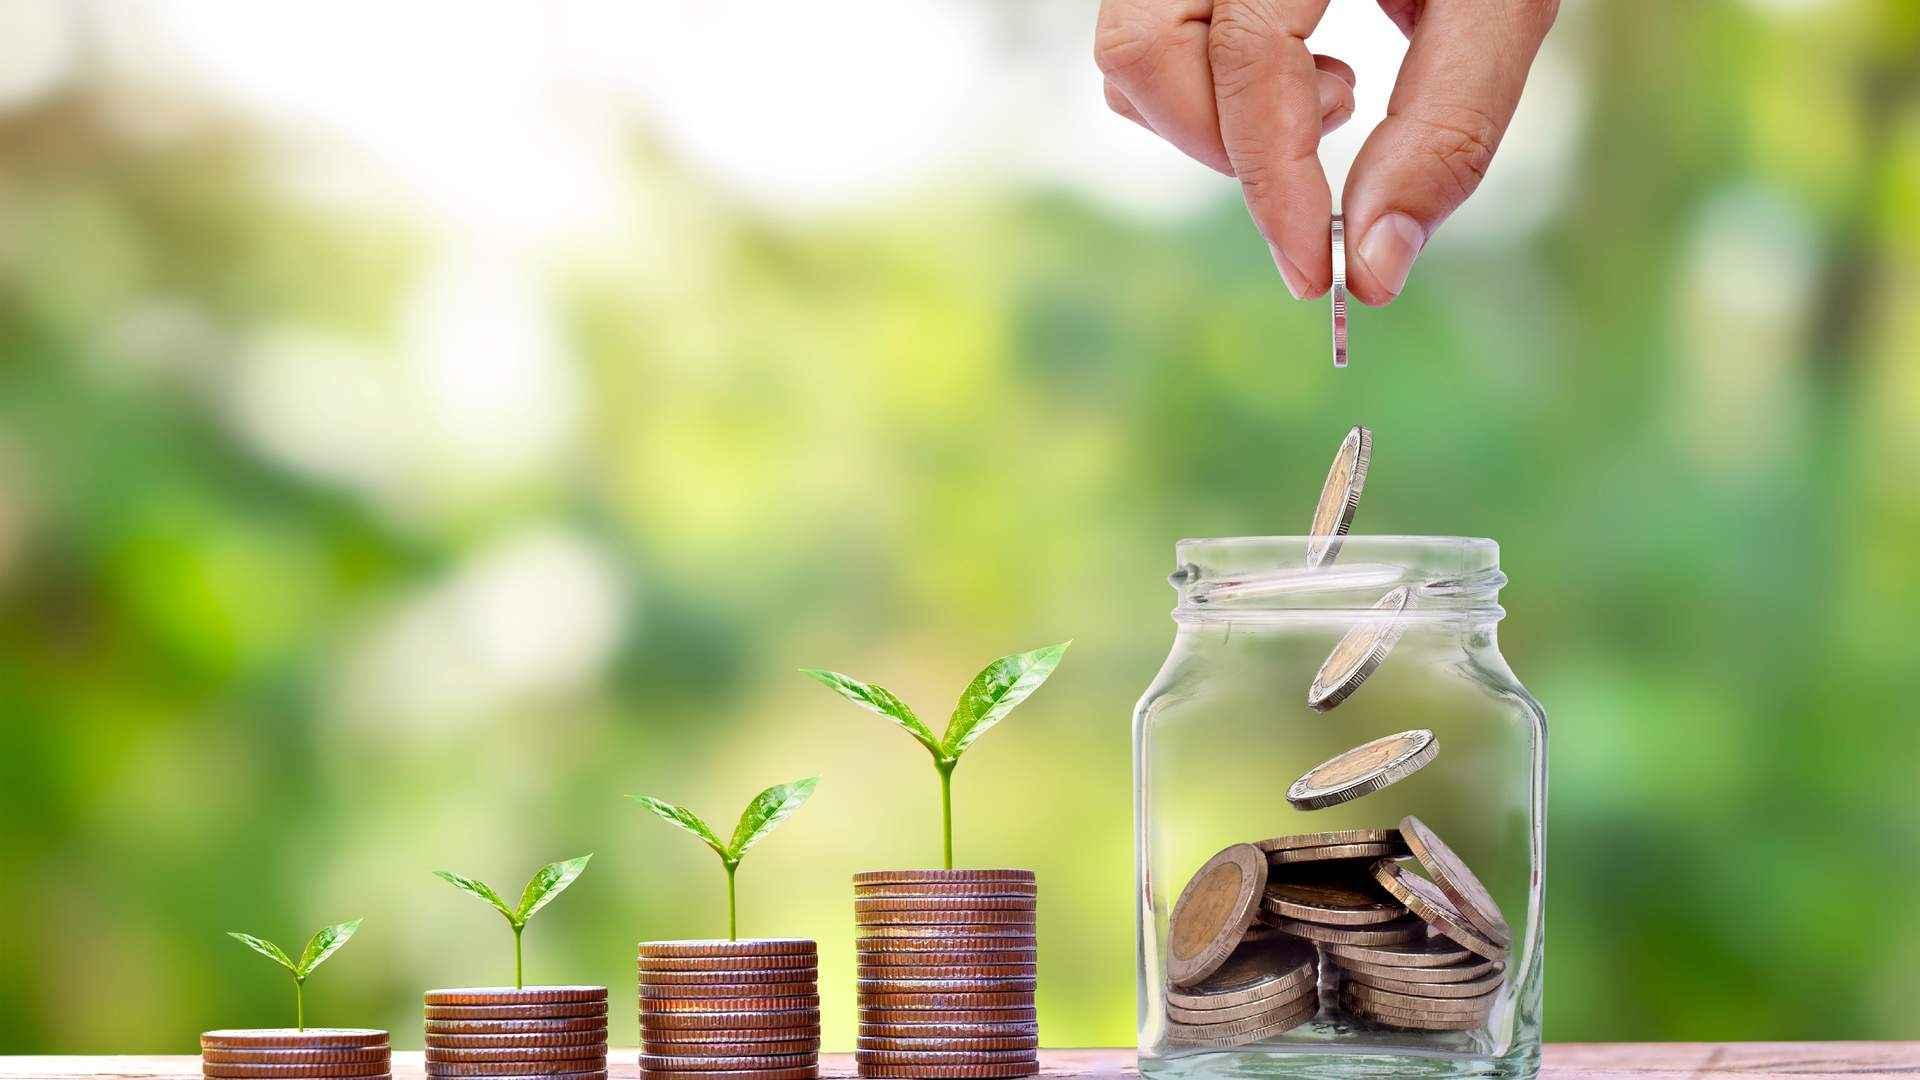 Pessoa jogando moedas em um jarro, com várias pilhas de moeda ao lado com planta brotando delas